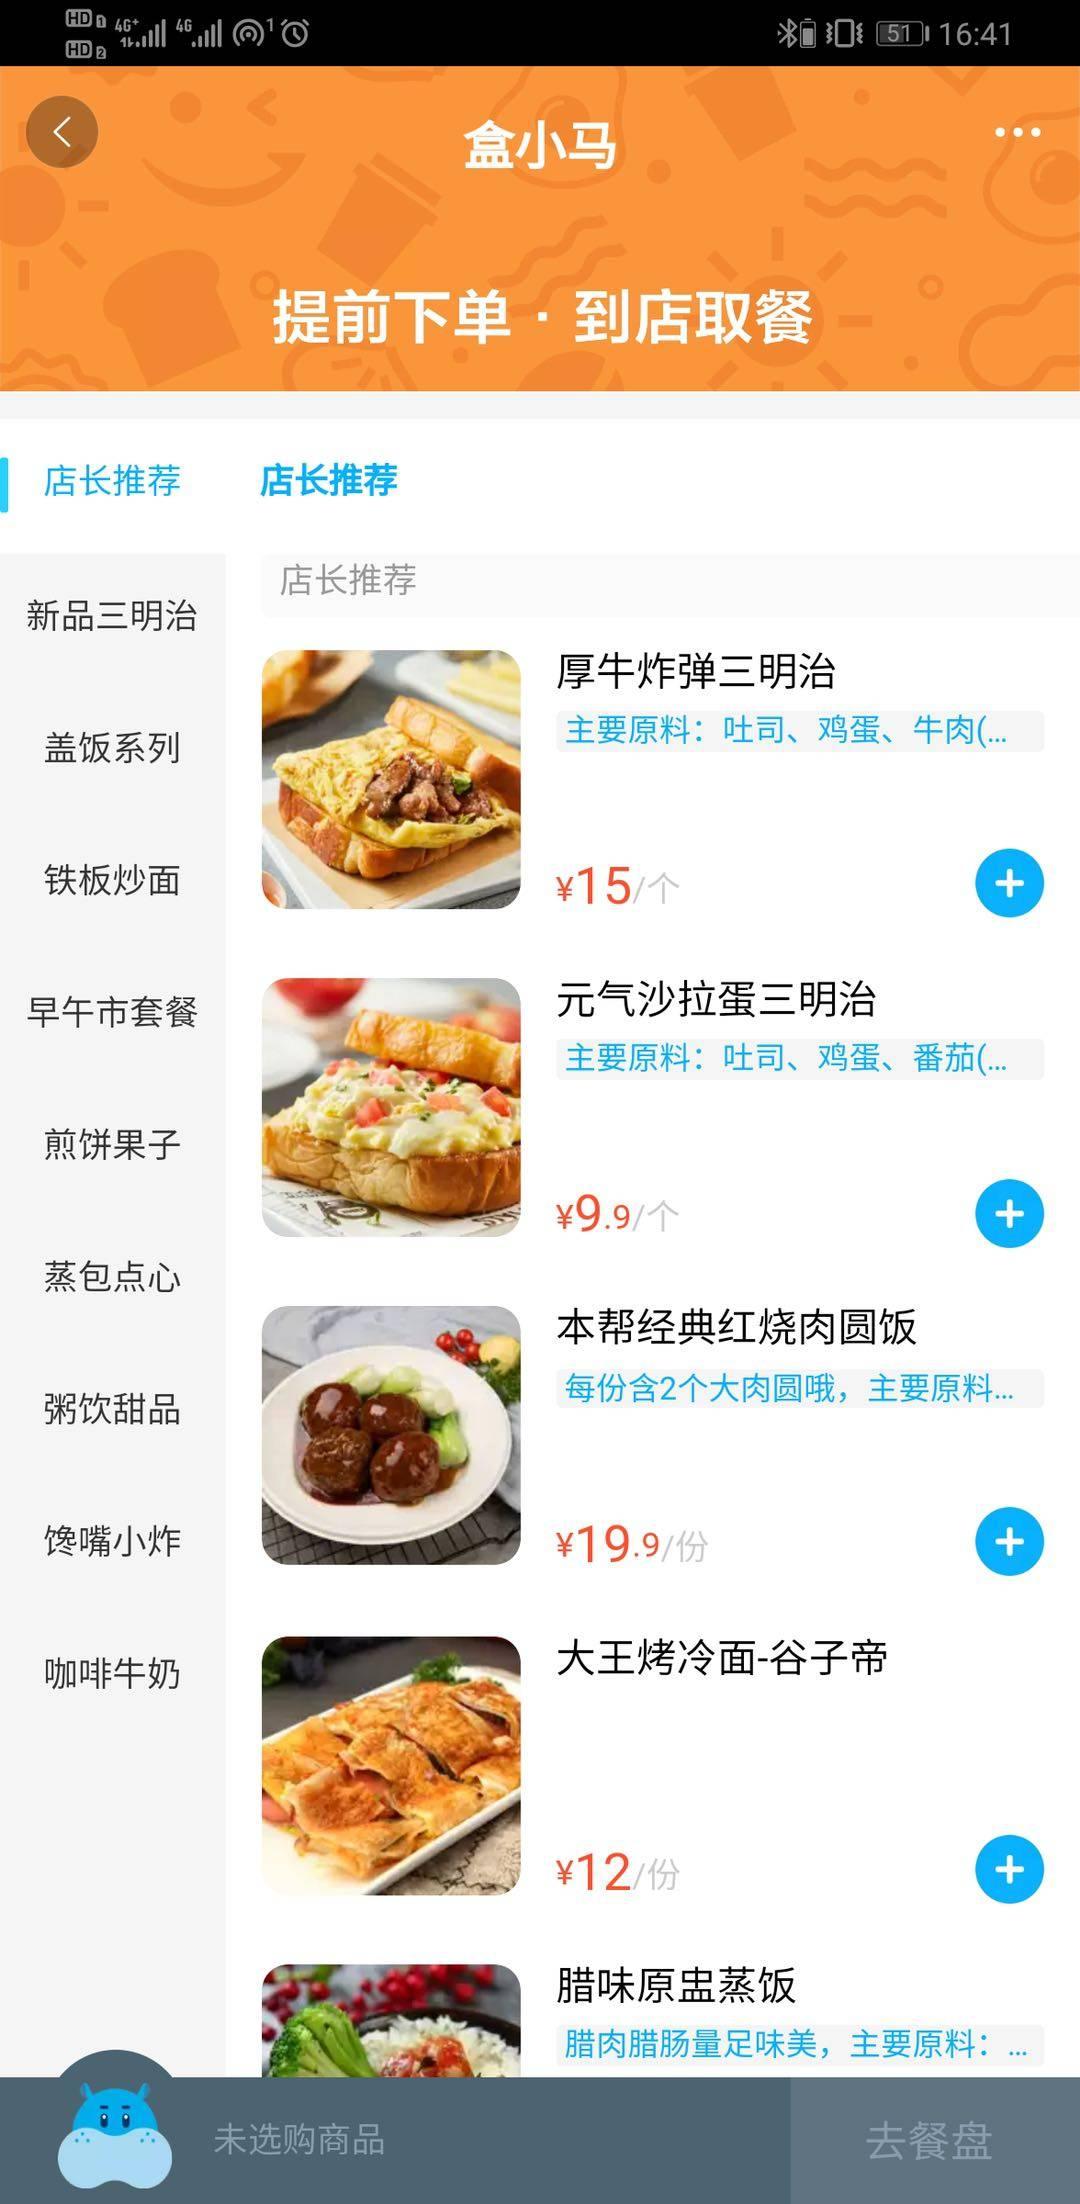 在上海开启一天幸福的早餐什么样?不仅是好吃这么简单